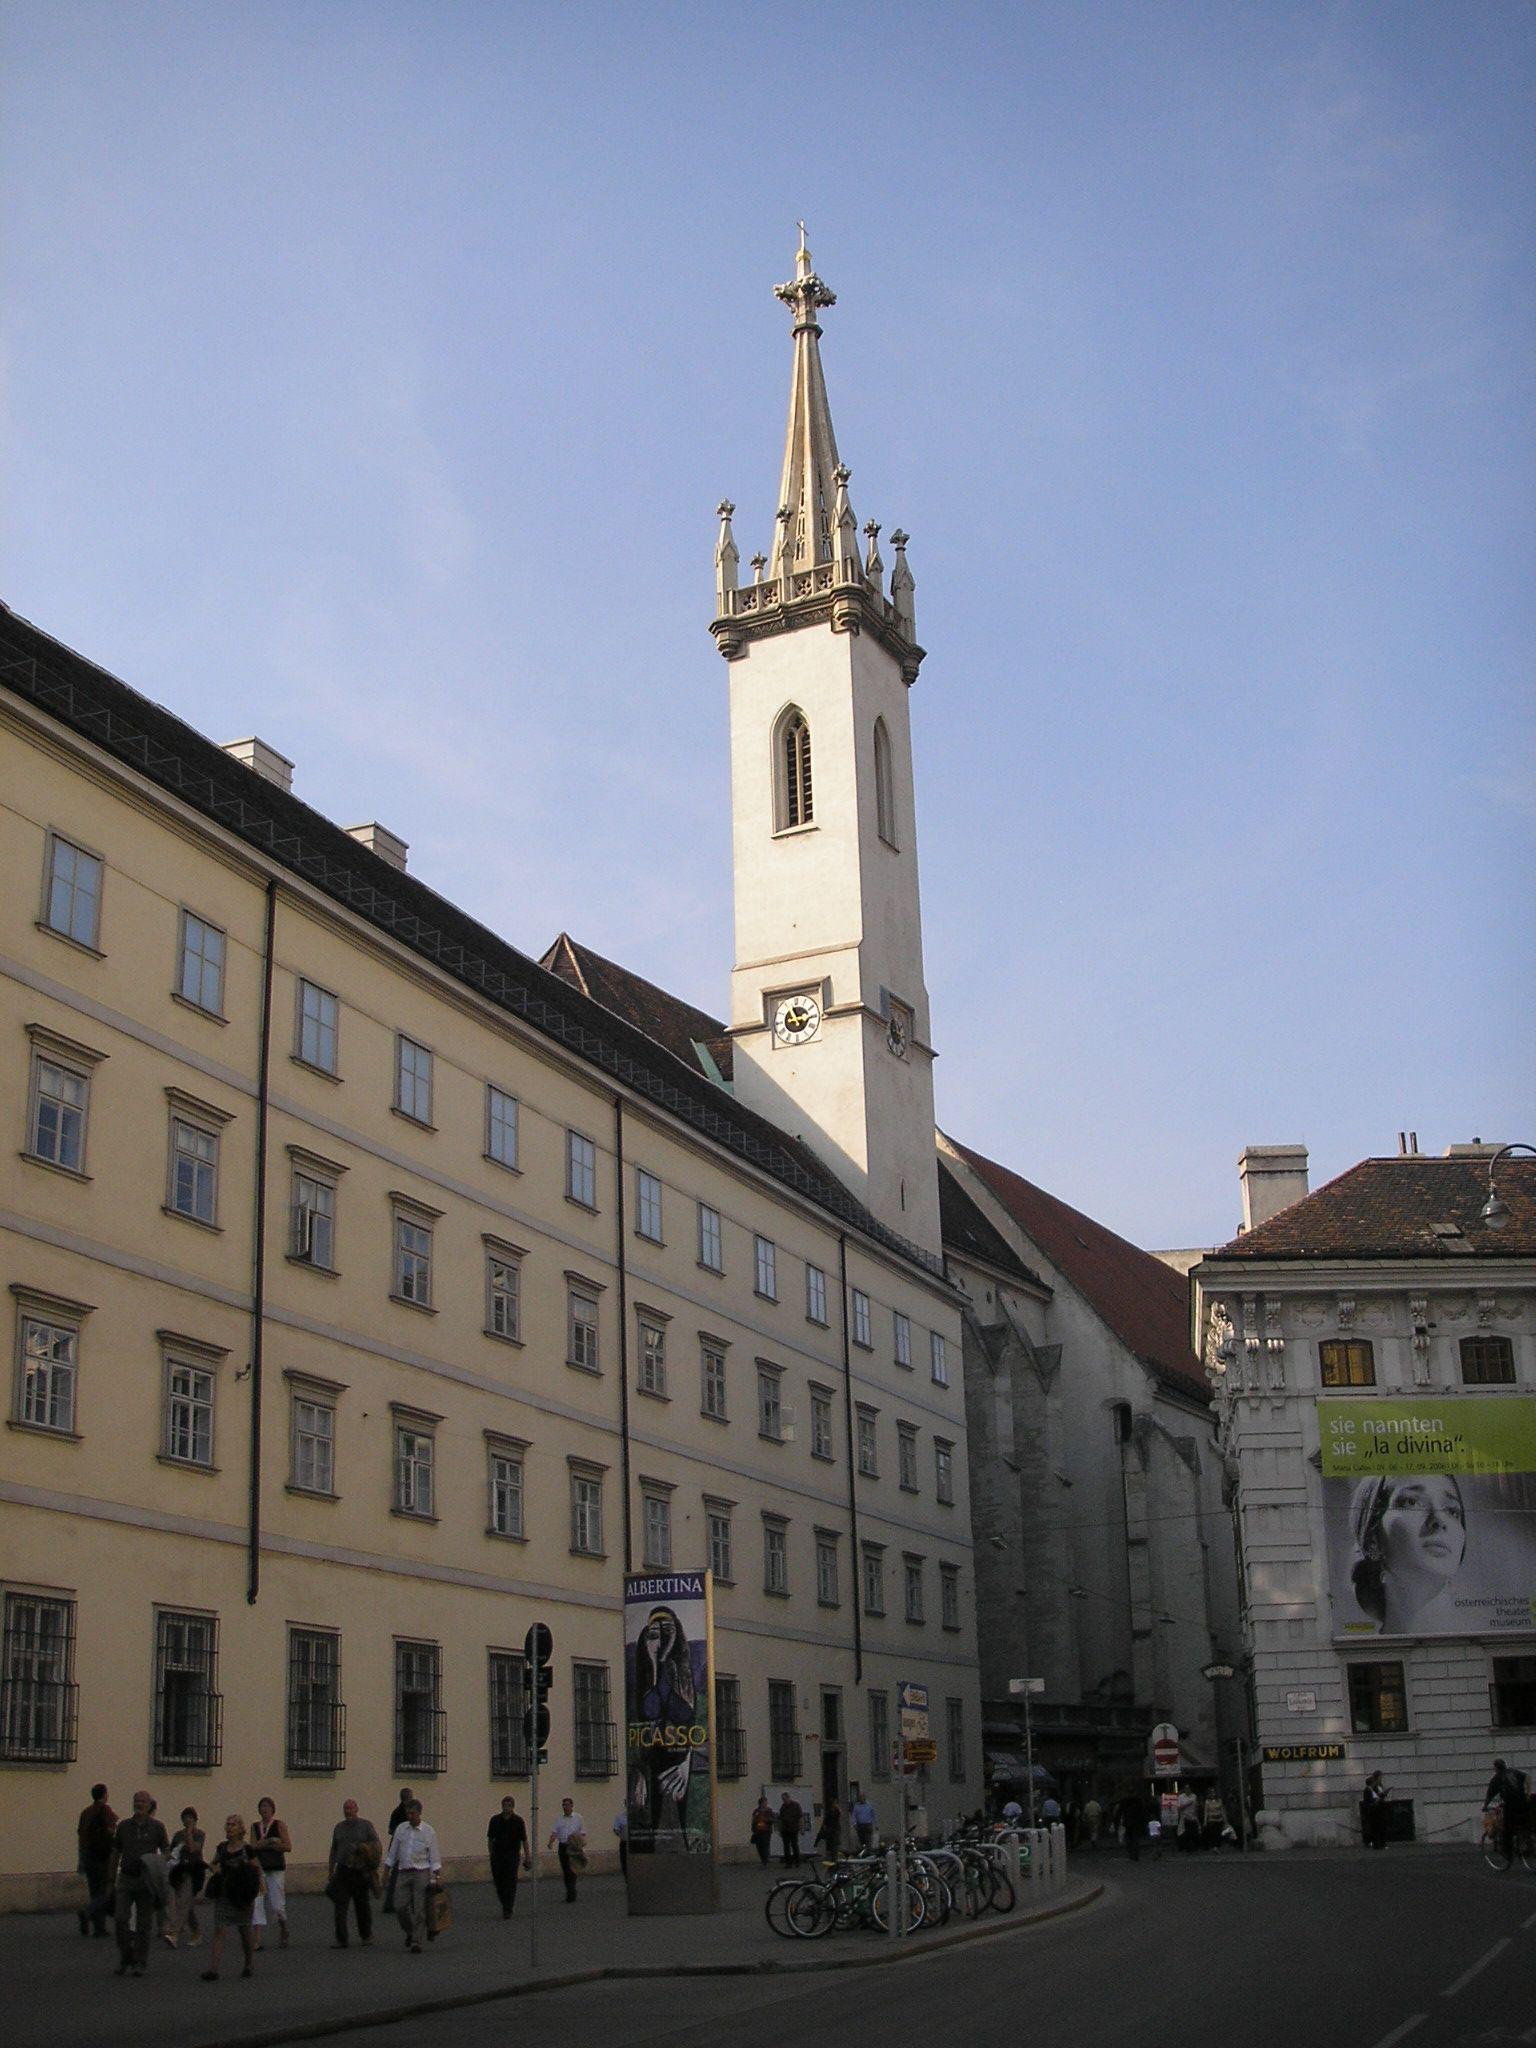 Augustinian church - Vienna, Austria